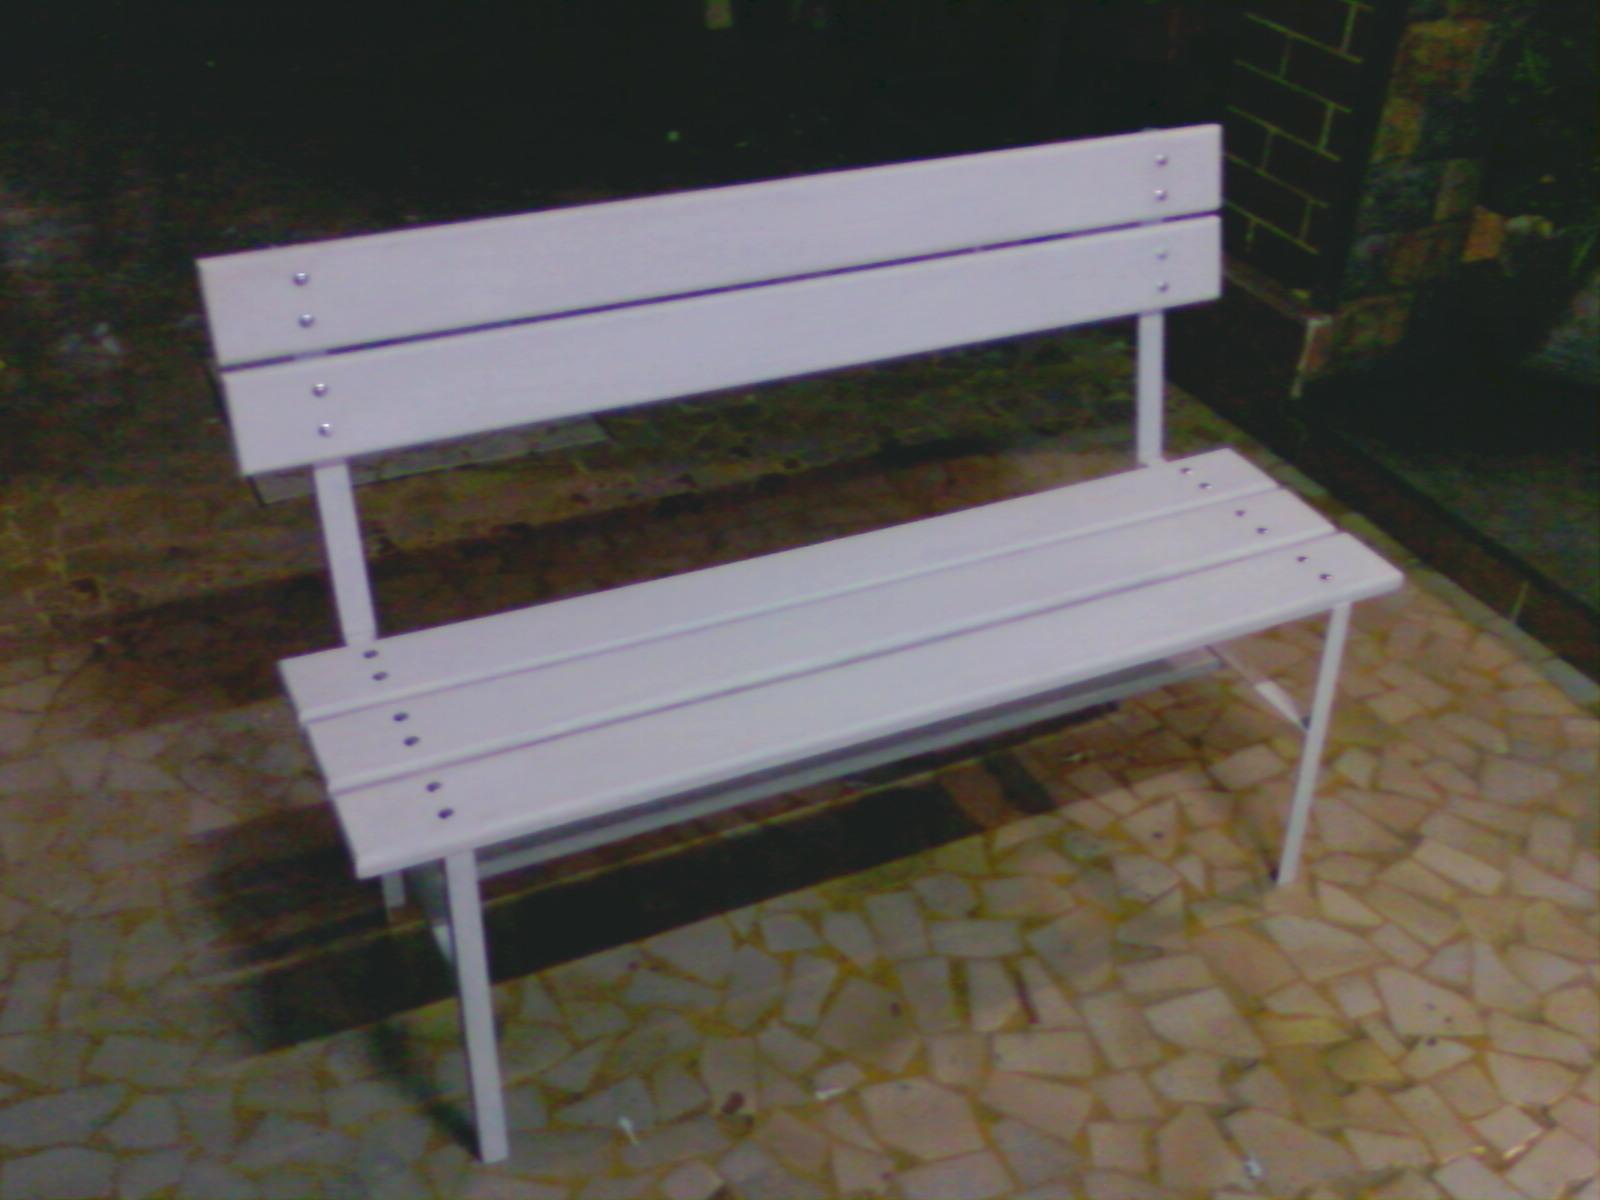 banco de madeira para jardim branco:Banco de jardim em madeira e aço na cor branca com 117cm de largura.